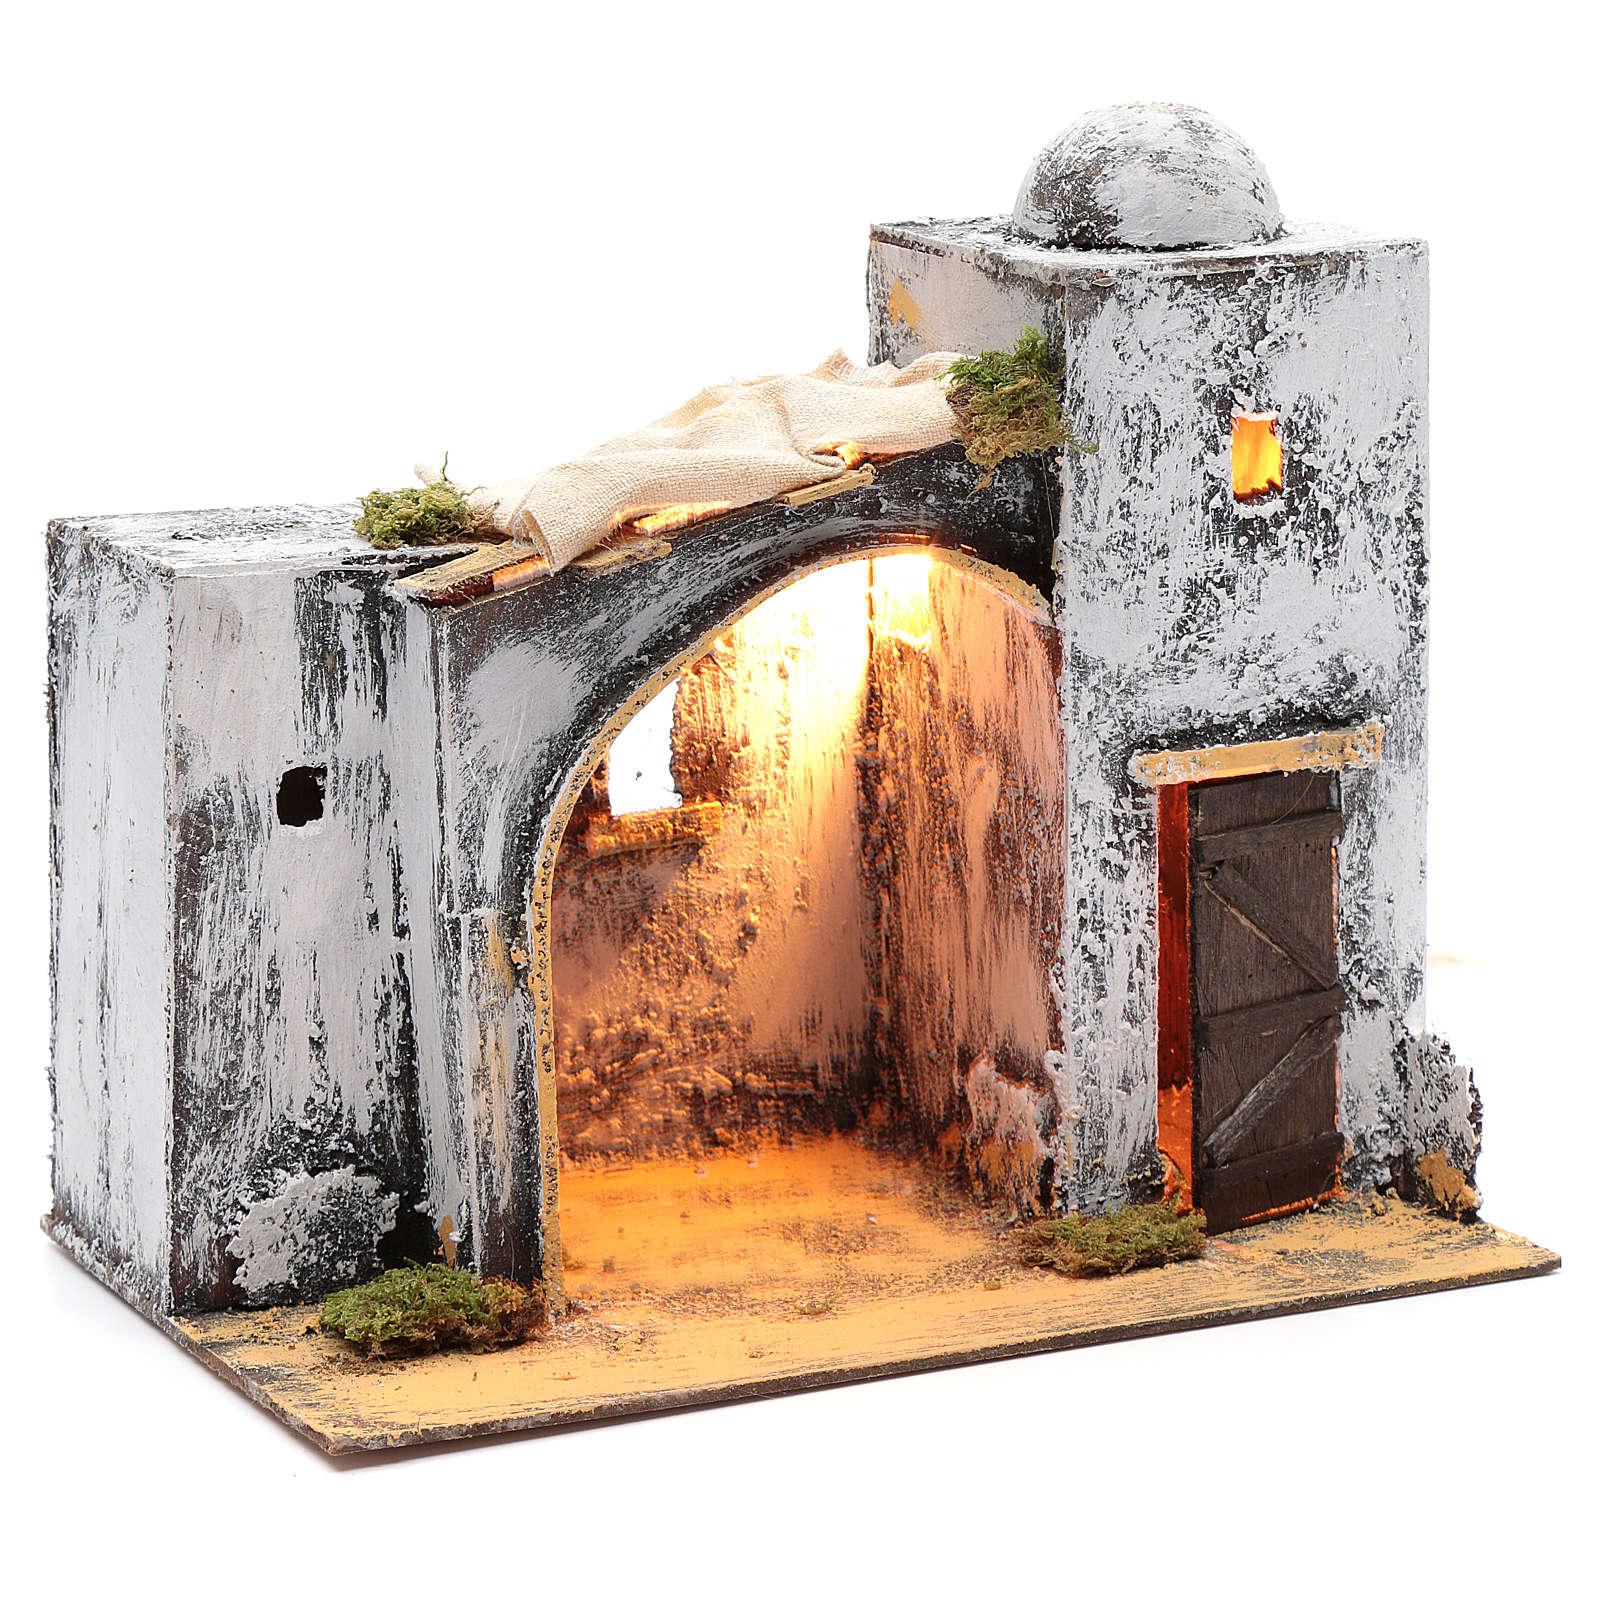 Ambientazione araba porta e capanna presepe Napoli 30x30x20 cm 4